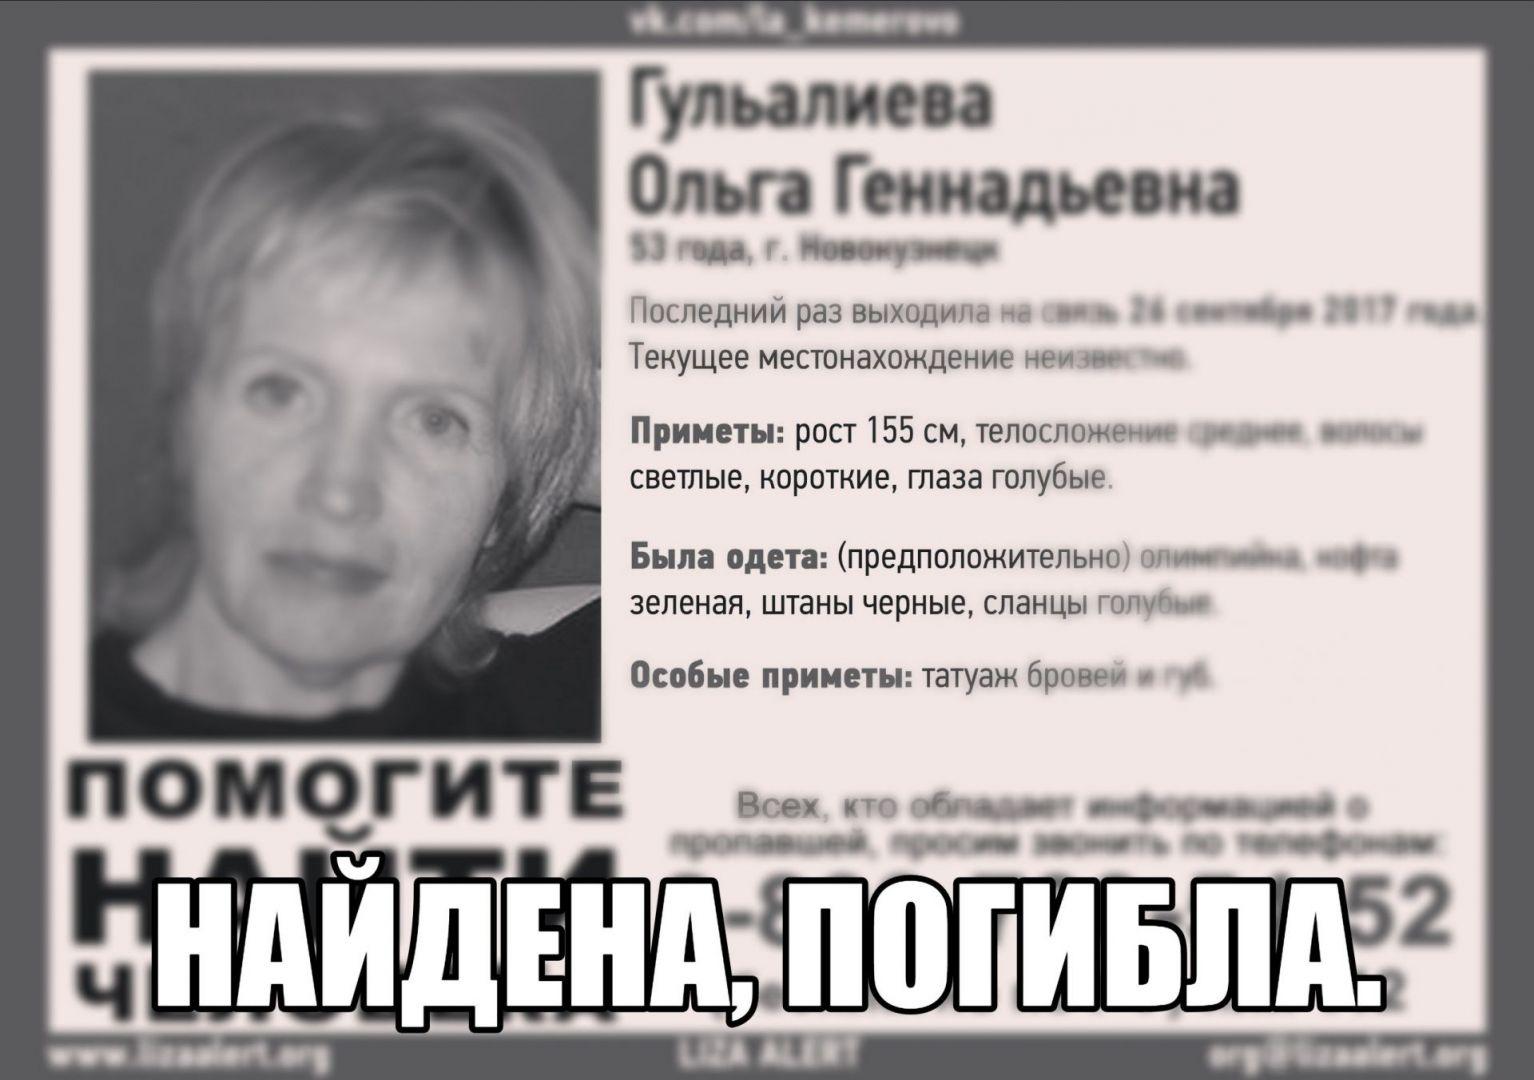 Стала известна участь 2-х без вести пропавших вКузбассе женщин